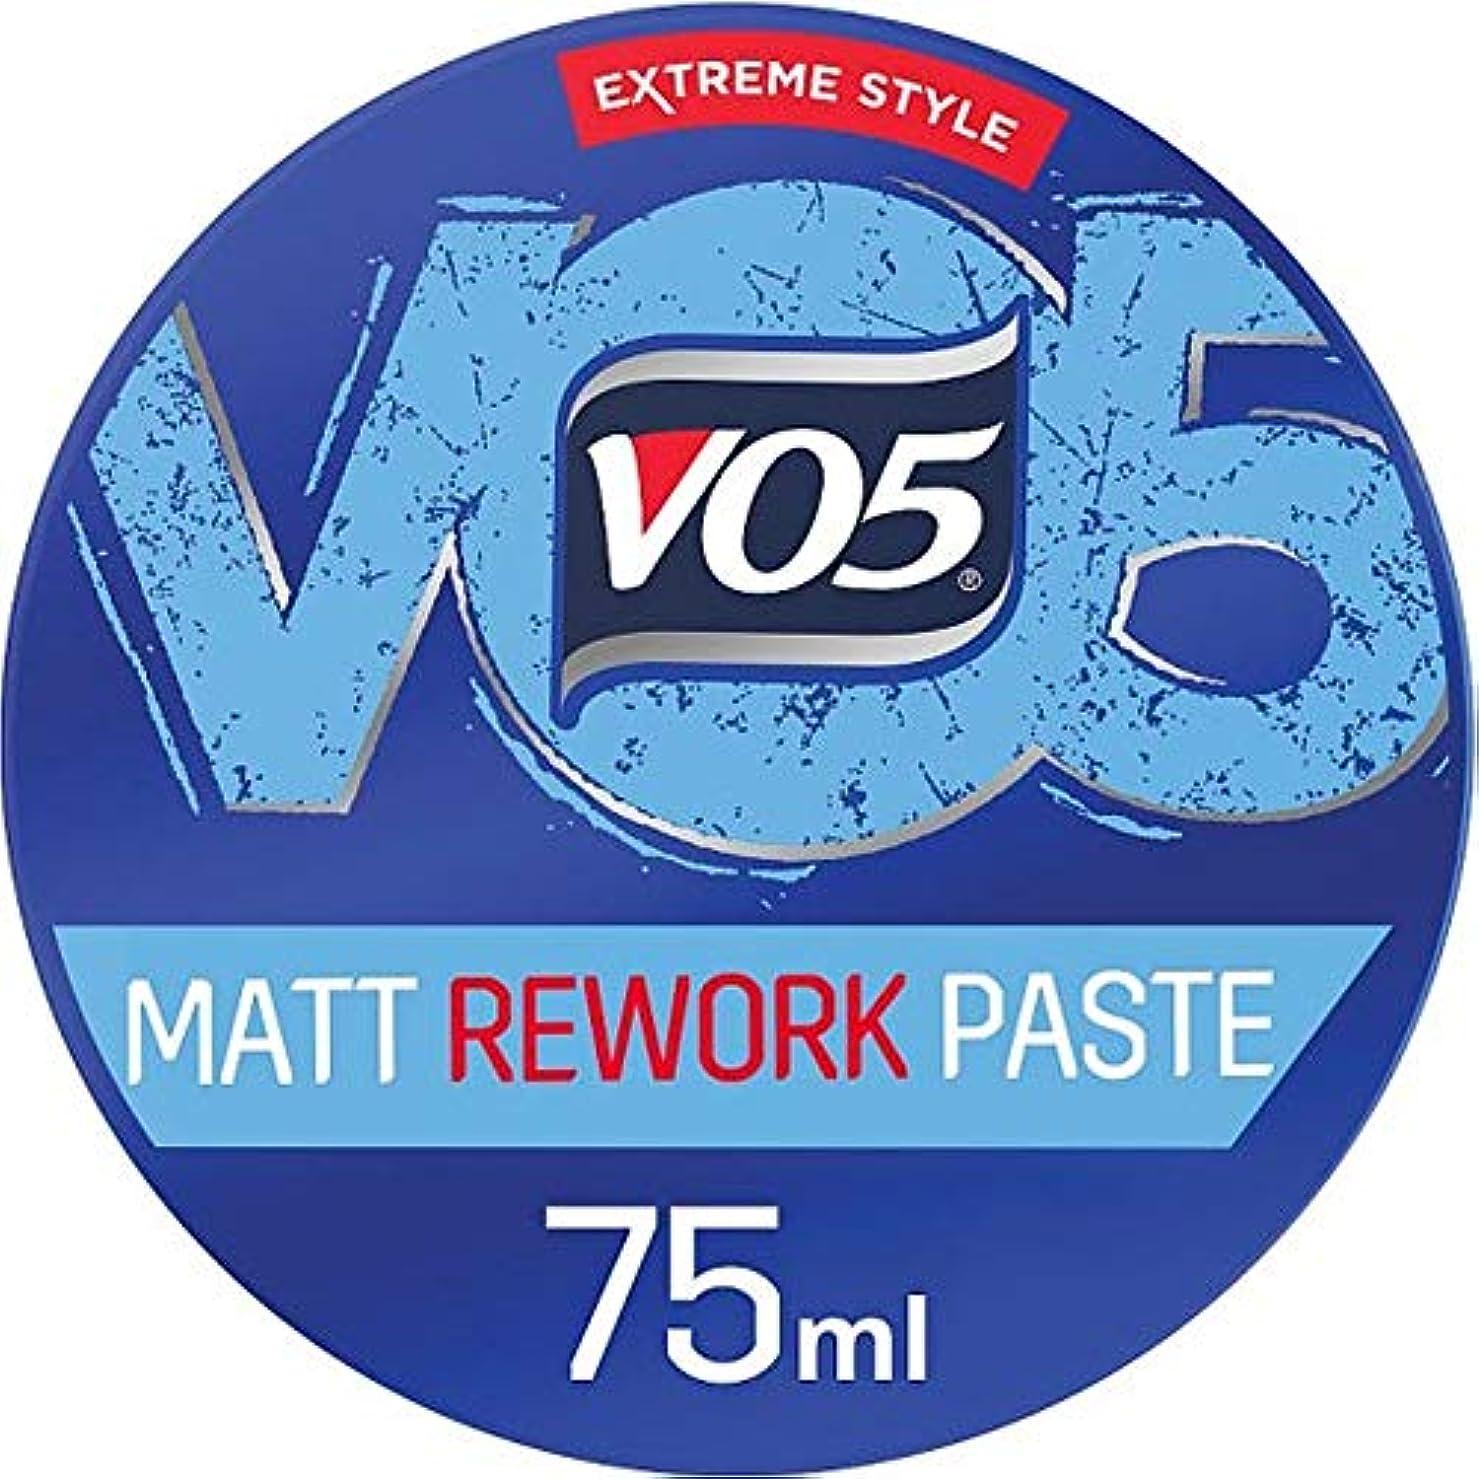 ゲートウェイクライストチャーチ散逸[Vo5] Vo5極端なスタイルマットリワークペースト75ミリリットル - Vo5 Extreme Style Matte Rework Paste 75Ml [並行輸入品]